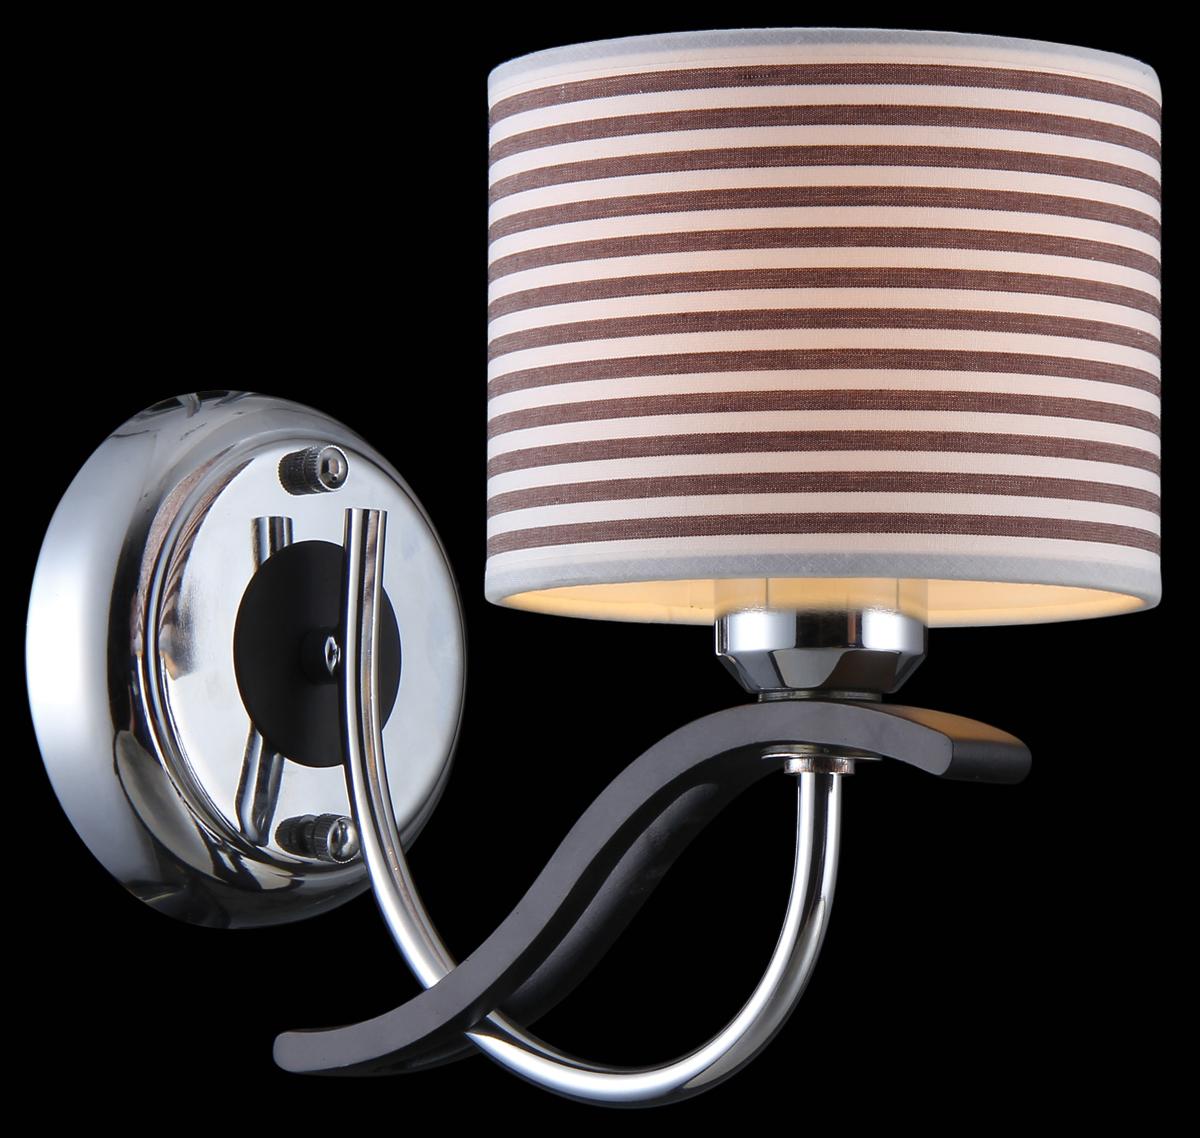 Бра Natali Kovaltseva, 1 х E27, 40W. 75012-1WOLIVIERA 75012-1W CHROMEБра Natali Kovaltseva, выполненное в классическом стиле, станет украшением вашей комнаты и изысканно дополнит интерьер. Изделие крепится к стене. Такое бра отлично подойдет для освещения кабинета, спальни или гостиной. Бра выполнено из металла с хромированным покрытием, плафон изготовлен из матового стекла. В коллекциях Natali Kovaltseva представлены разные стили - от классики до хайтека. Дизайн и технологическая составляющая продукции разрабатывается в R&D центре компании, который находится в г. Дюссельдорф, Германия. При производстве продукции используются высококачественные и эксклюзивные материалы: хрусталь ASFOR, муранское стекло, перламутр, 24-каратное золото, бронза. Производство светильников соответствует стандарту системы менеджмента качества ISO 9001-2000. На всю продукцию ТМ Natali Kovaltseva распространяется гарантия.